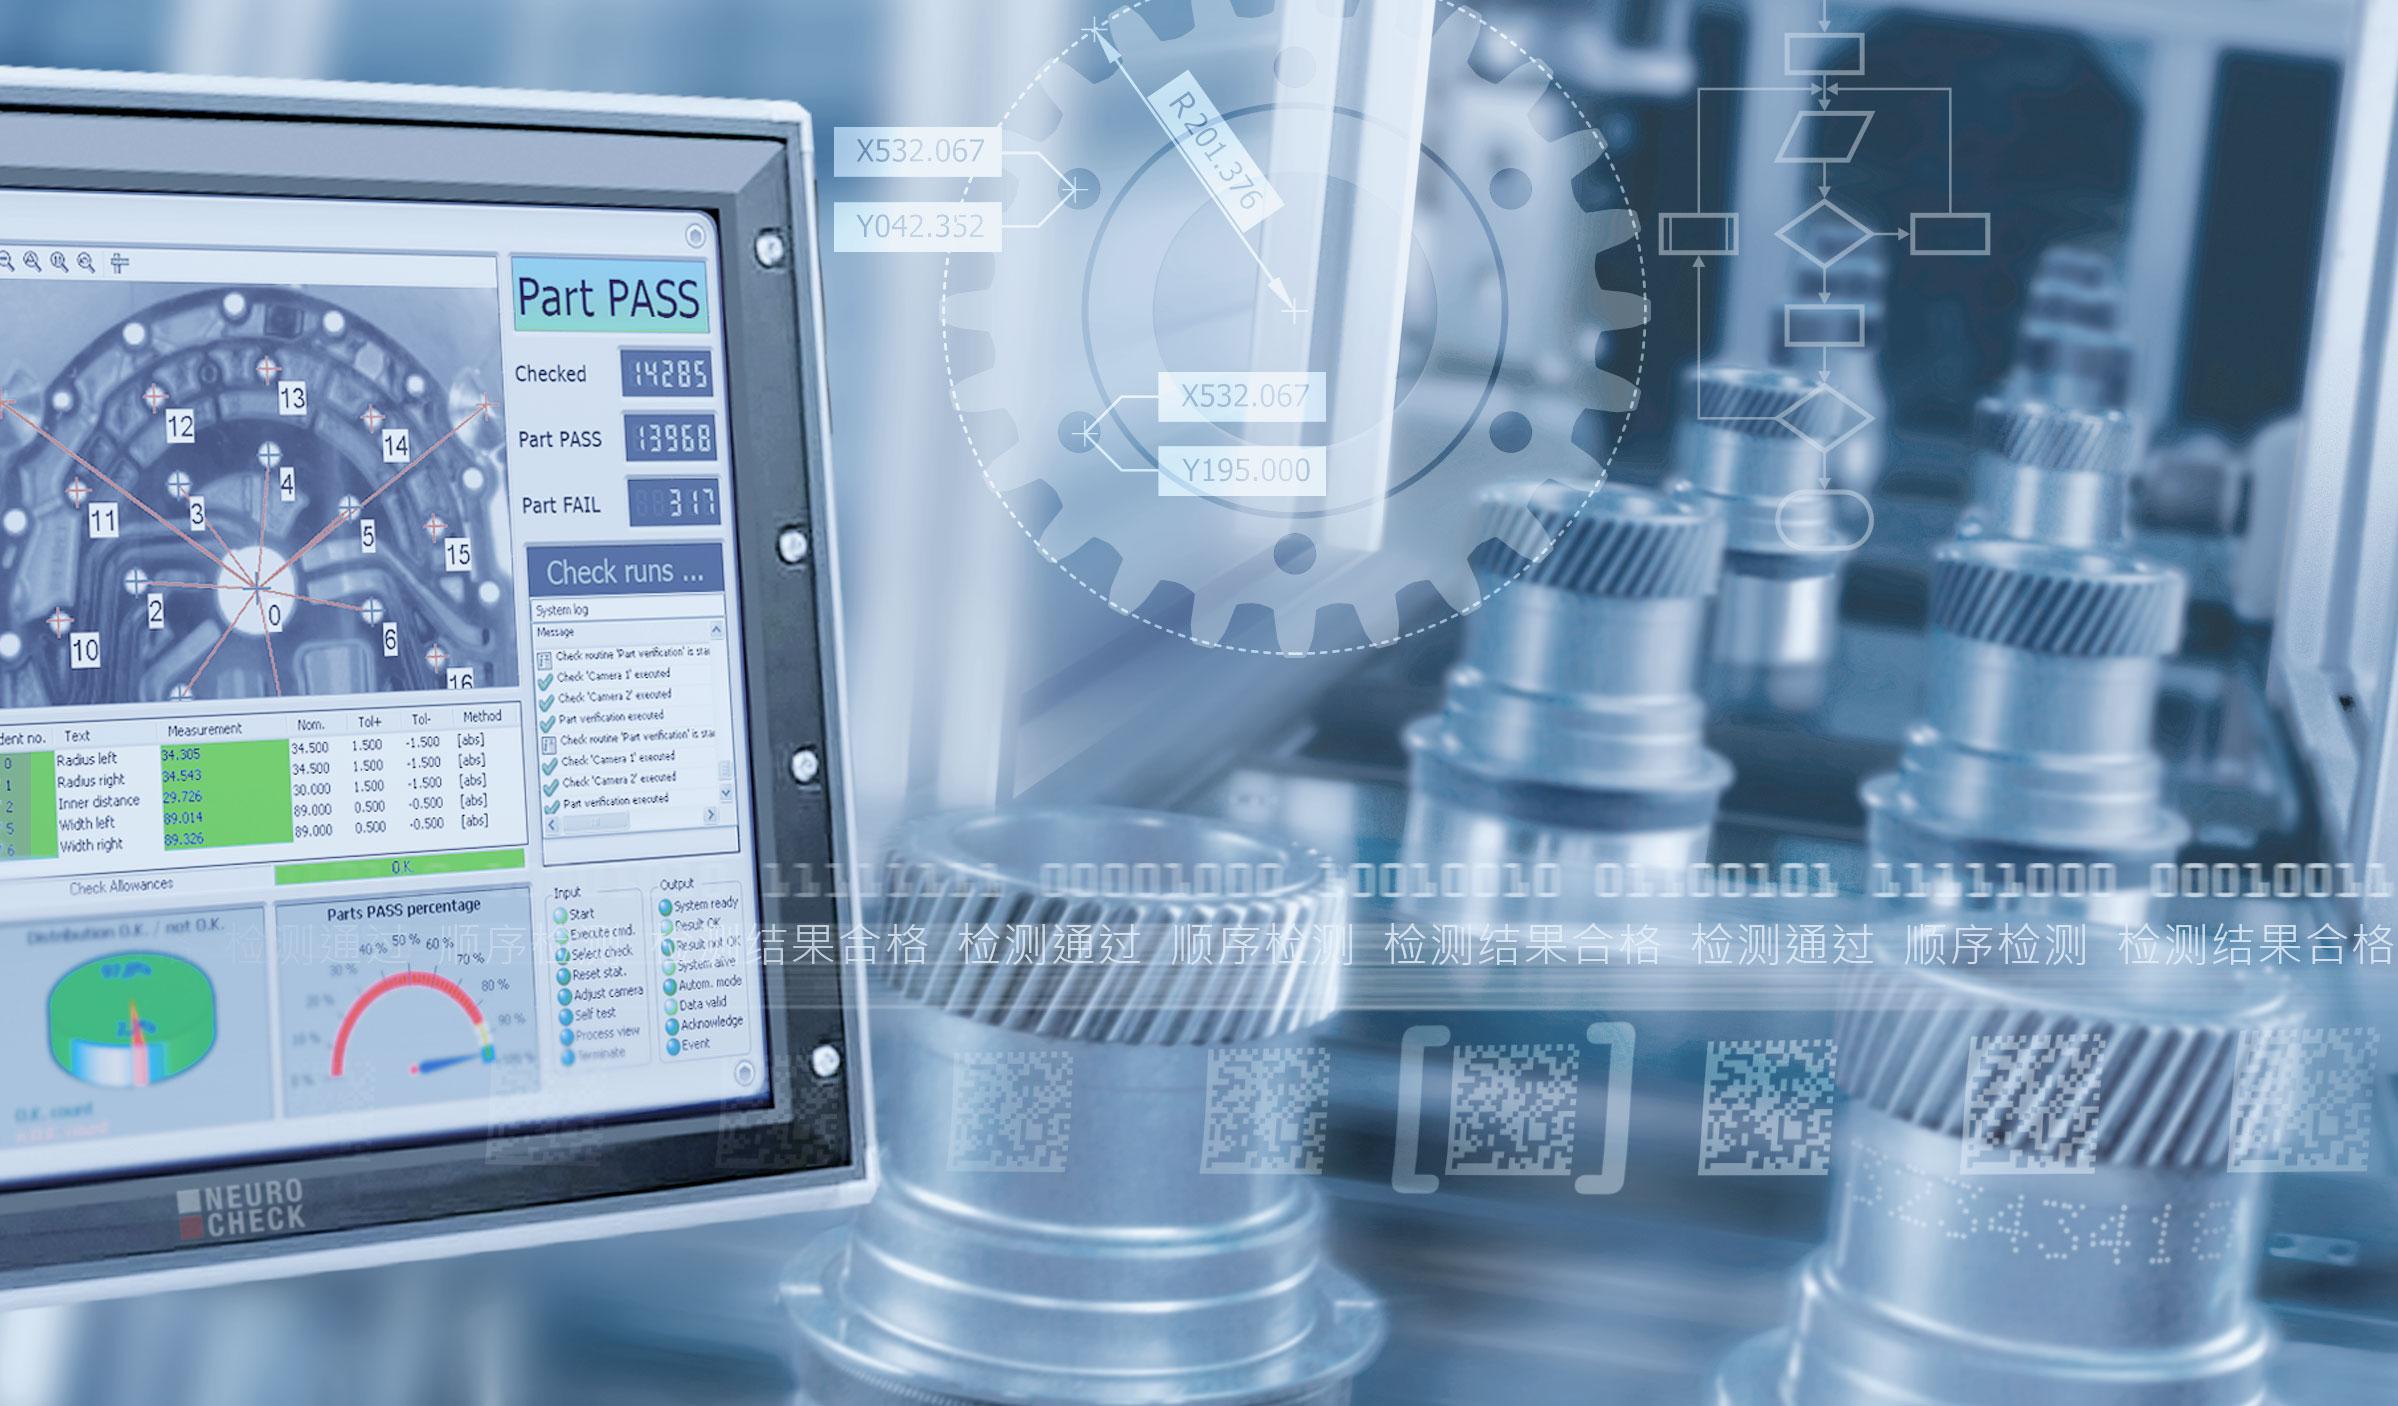 NeuroCheck Geschäftsbereich Applikation (Foto © NeuroCheck)